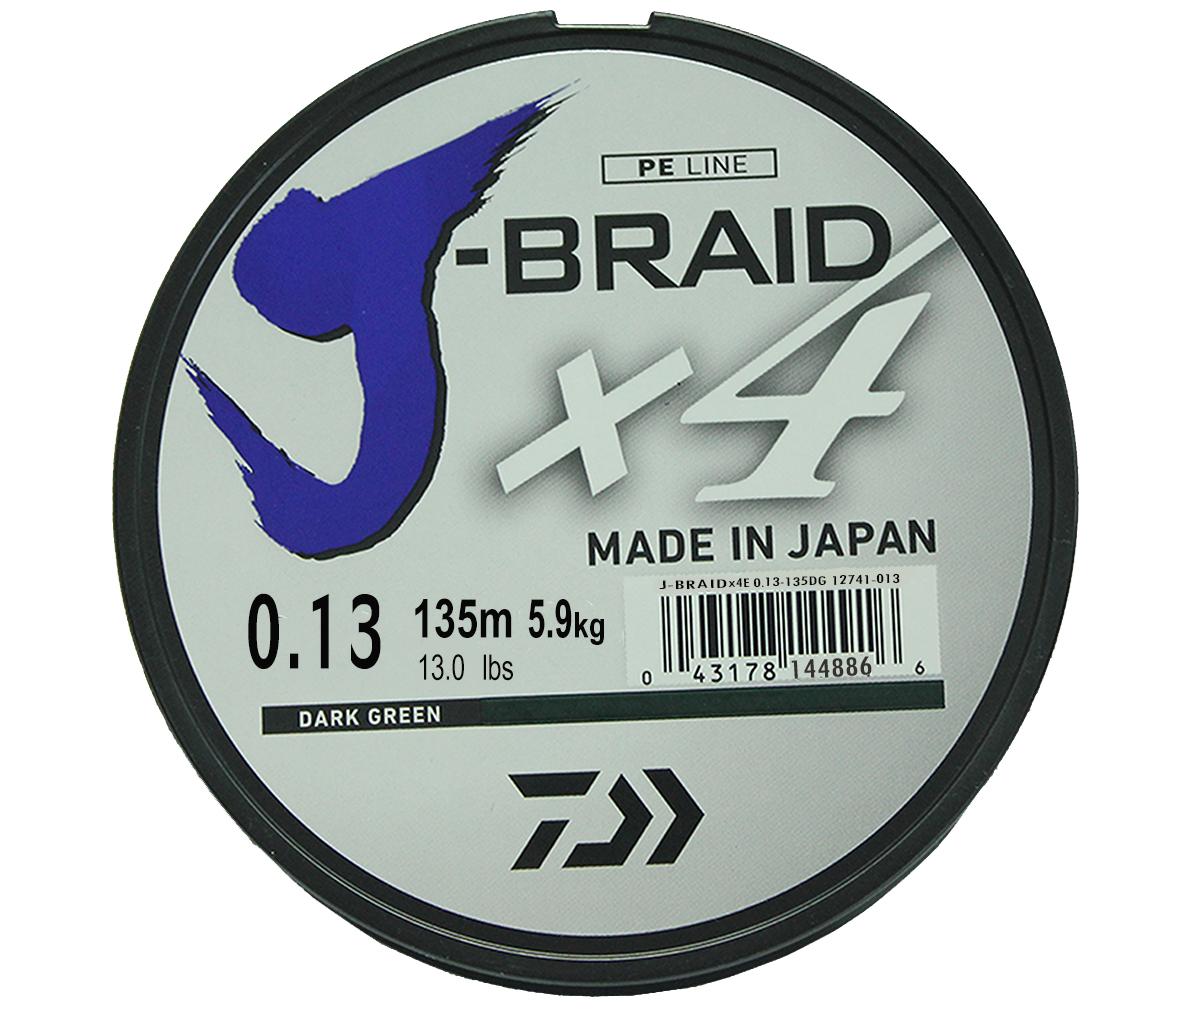 Шнур плетеный Daiwa J-Braid X4, цвет: зеленый, 135 м, 0,13 мм61160Новый 4х жильный шнур J-Braid, DAIWA - шнур высокого класса с удивительным соотношением цены и качества. Качество плетения полностьюсоответствует японским стандартам и удовлетворяет всем требованиям. Представленные диаметры позволяют использовать шнур для всех техникловли, начиная от ultra- light ловли окуня, до морской ловли палтуса, трески и т.д